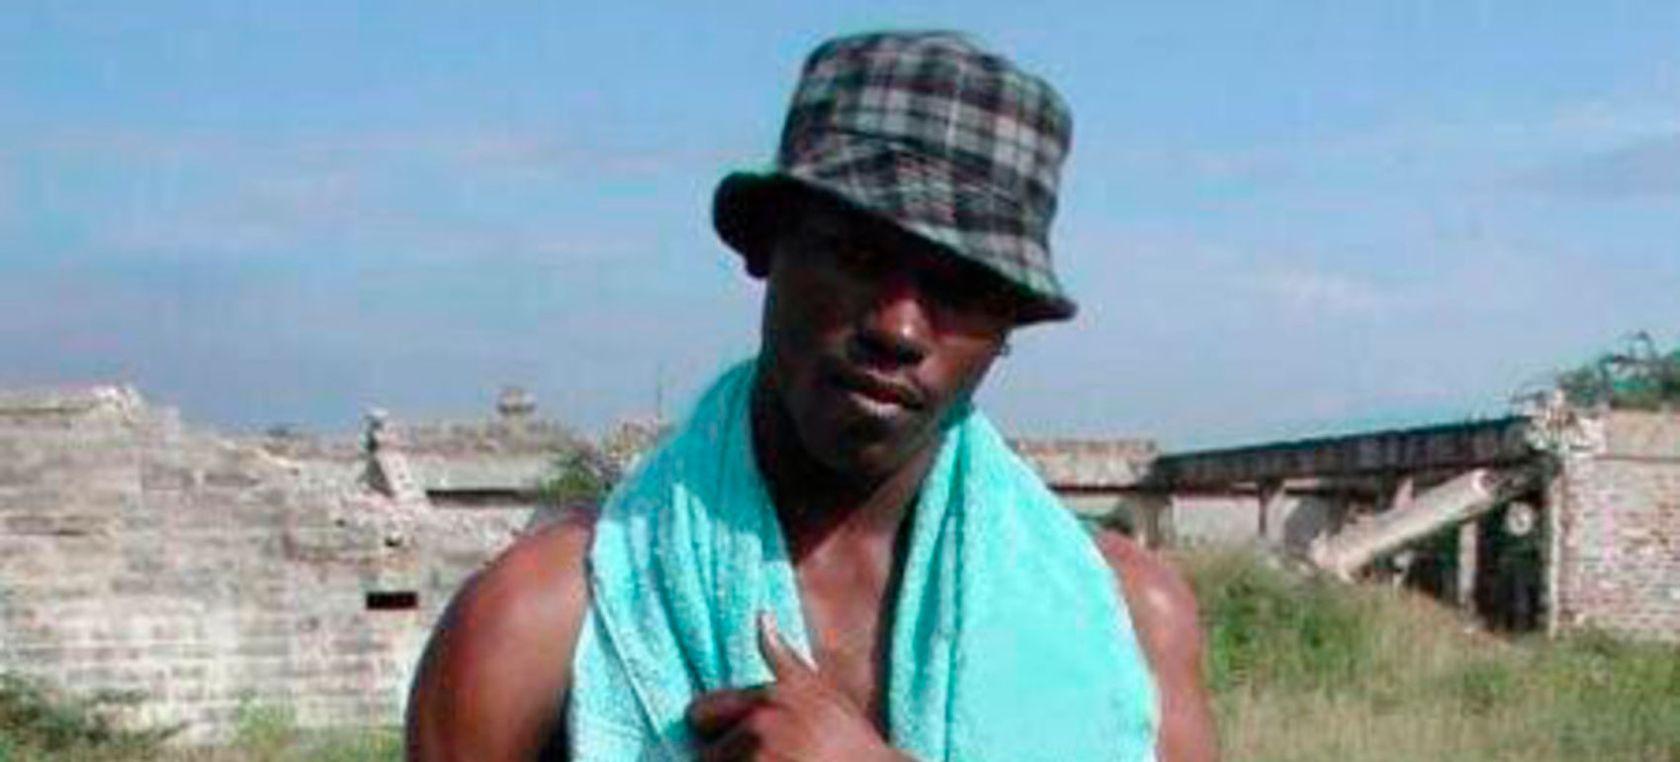 africanos gay conocer solo hombre negro